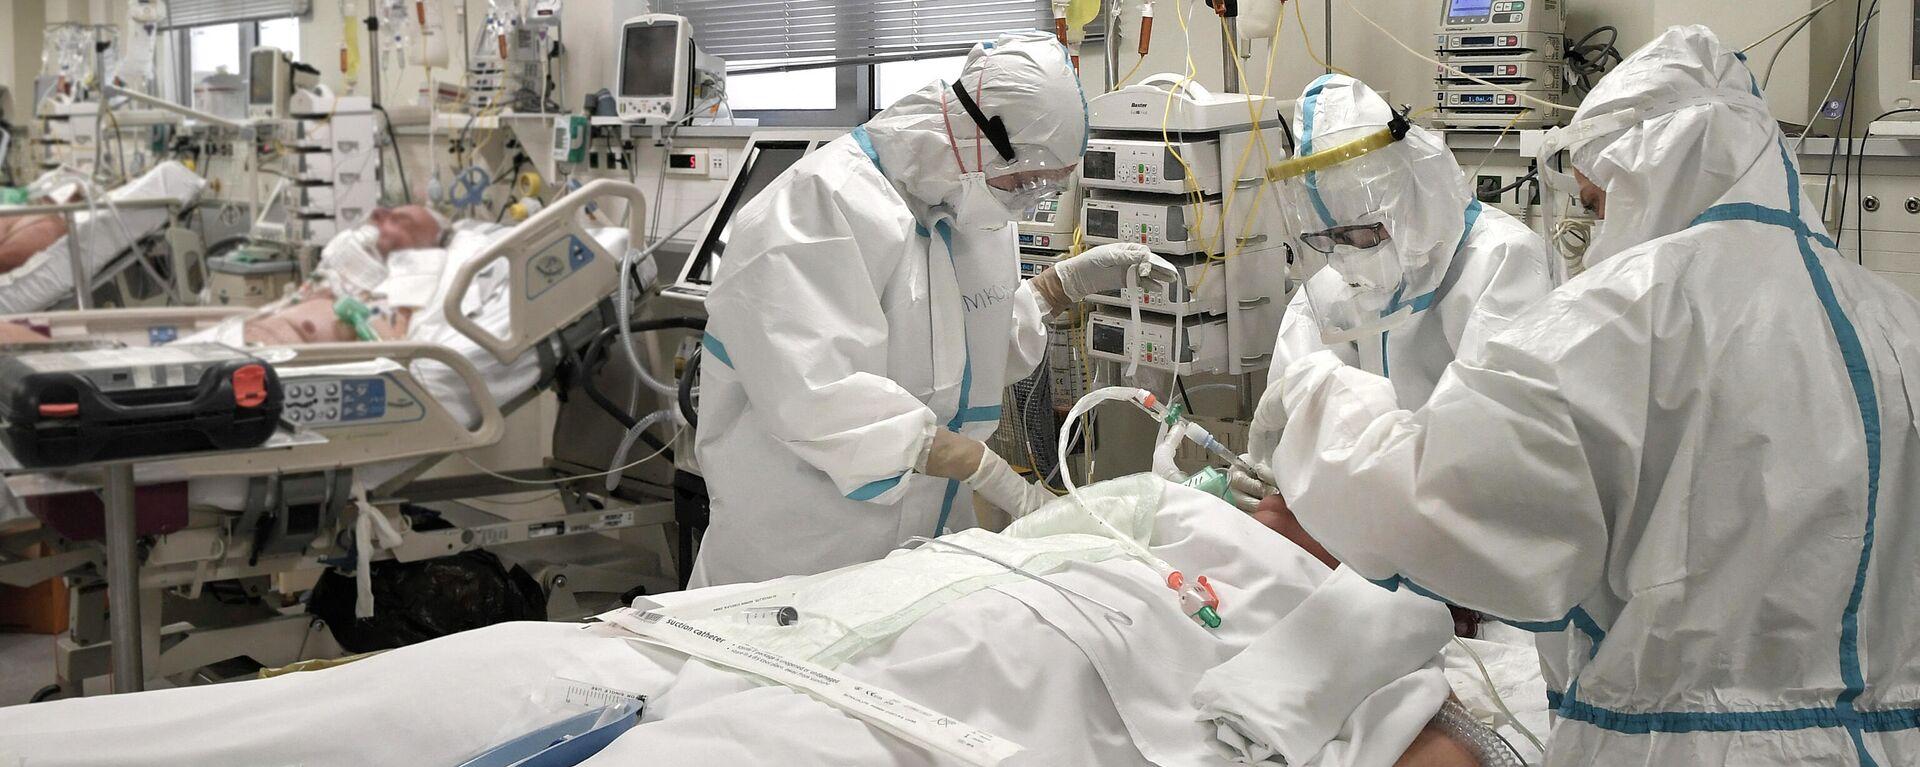 Νοσοκομείο στην Ελλάδα - Sputnik Ελλάδα, 1920, 23.09.2021